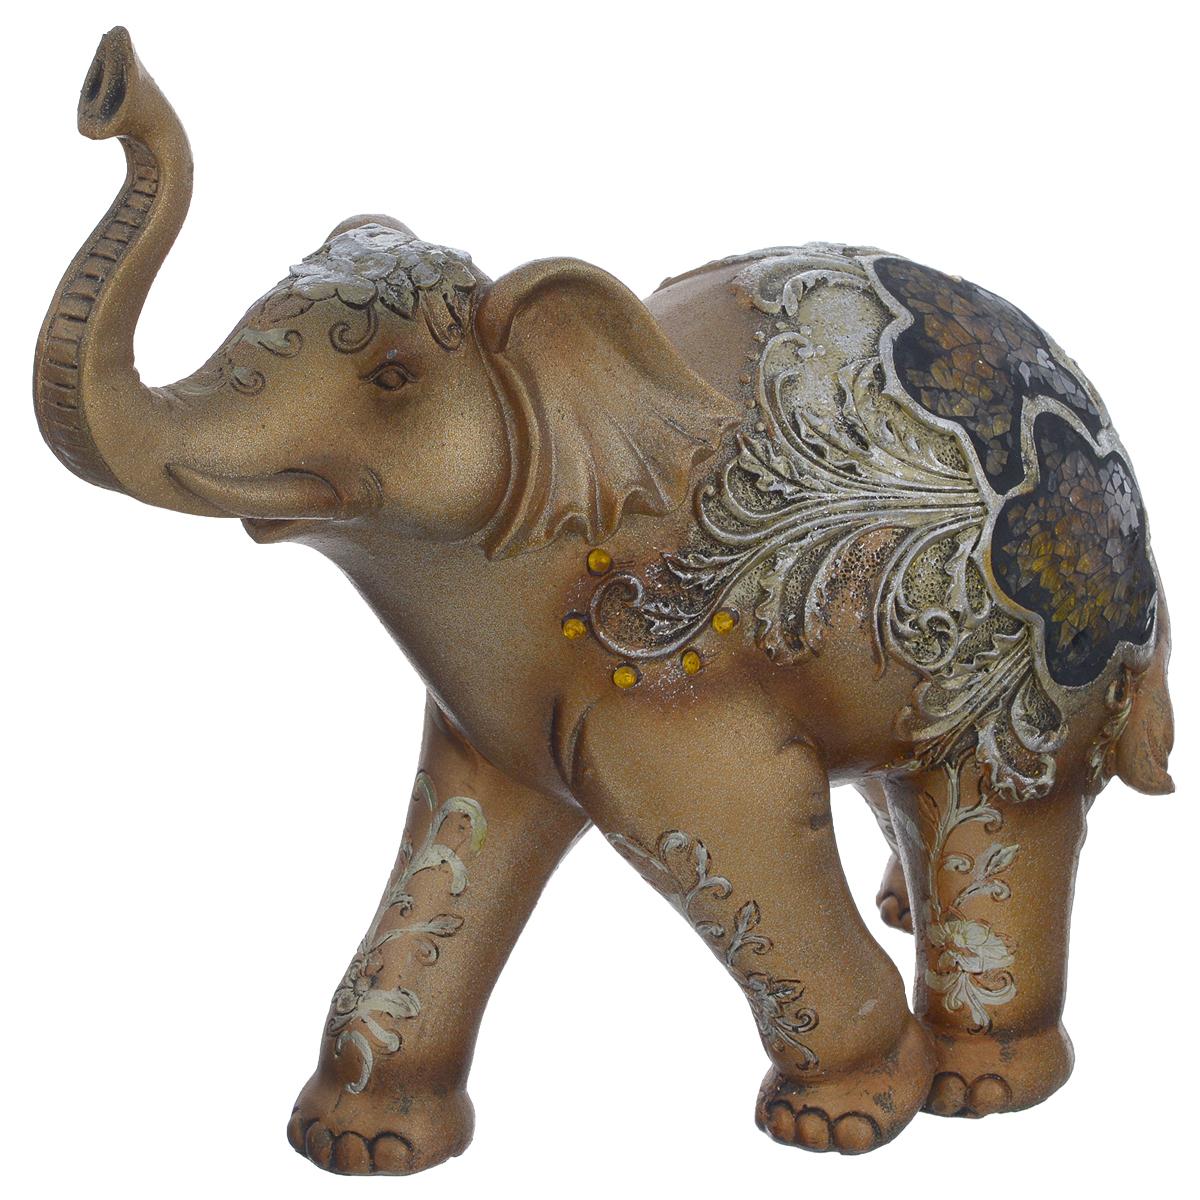 Фигурка декоративная Molento Слон с мозаикой, высота 21 см549-188Декоративная фигурка Molento Слон с мозаикой, выполненная из полистоуна, станет отличным украшением интерьера и подчеркнет его изысканность. Изделие, выполненное в виде слона, украшено рельефными узорами и мозаикой из стекла.Такая фигурка всегда сможет послужить приятным подарком для ваших друзей и близких.Размер фигурки: 24,5 см х 10 см х 21 см.